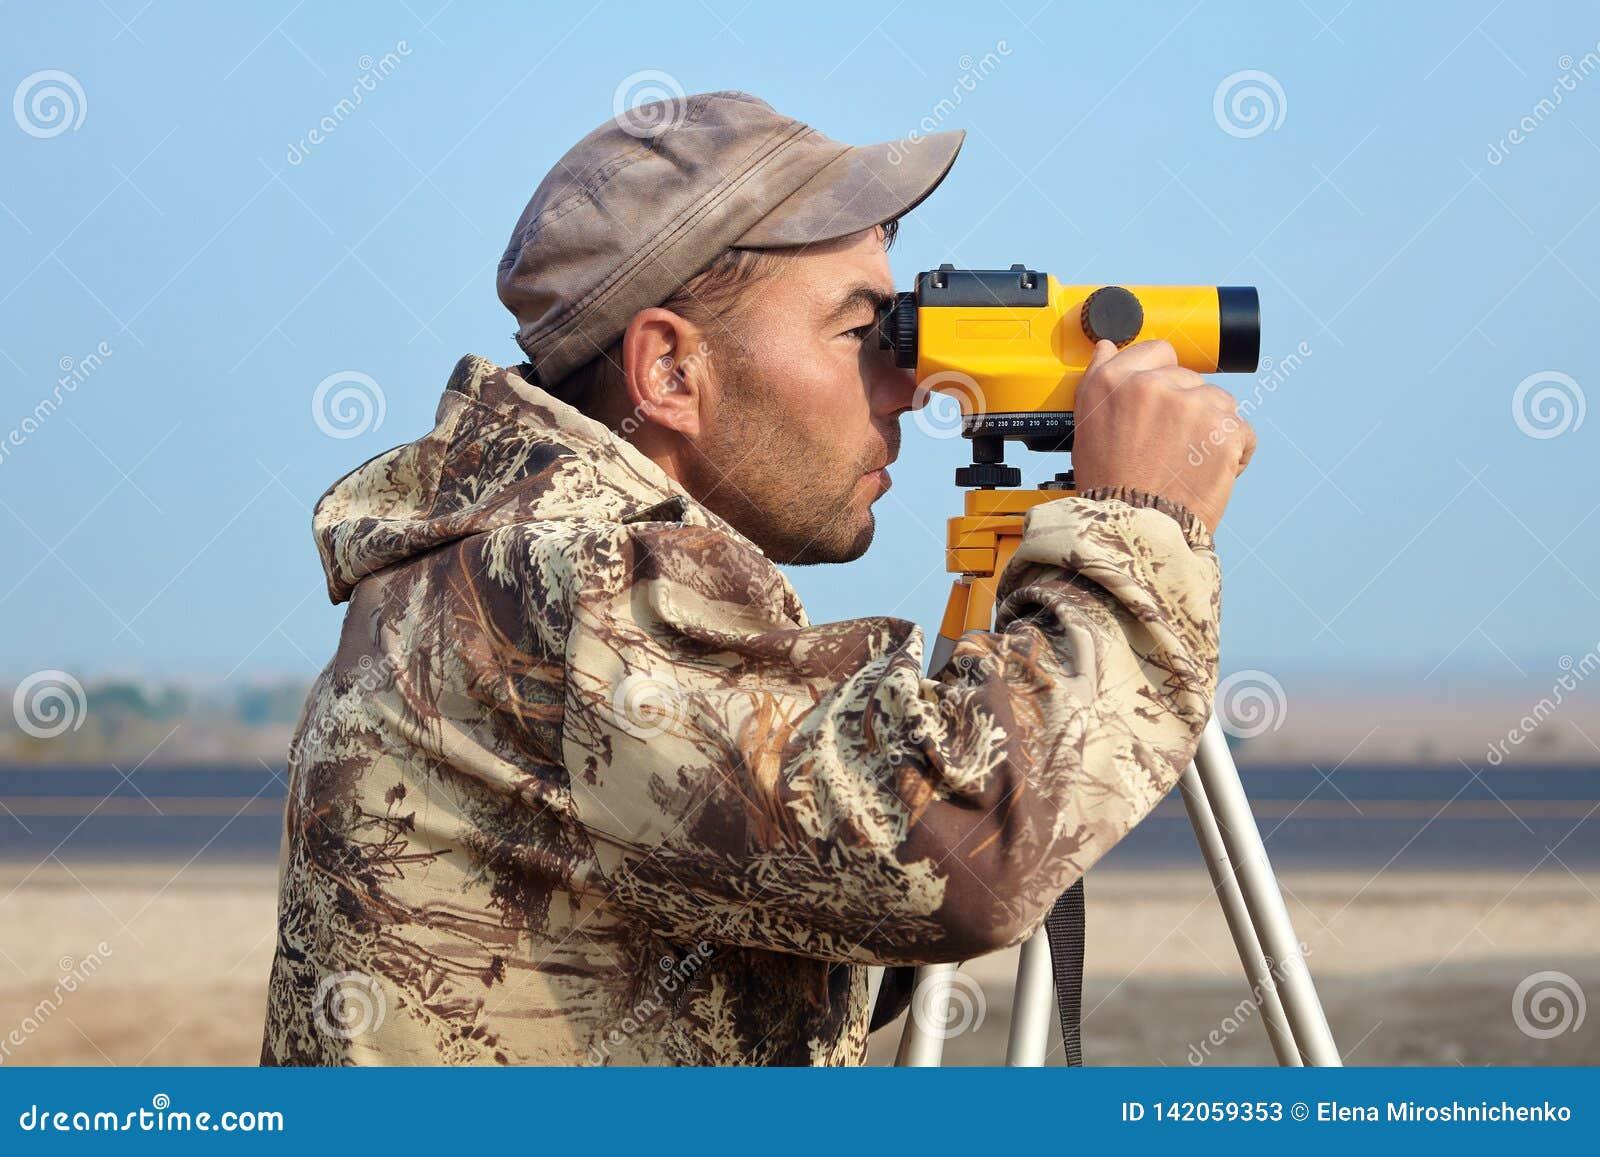 Работник с уровнем, построитель топографа с оборудованием геодезии близко к шоссе, с мобильным телефоном, усмехаясь